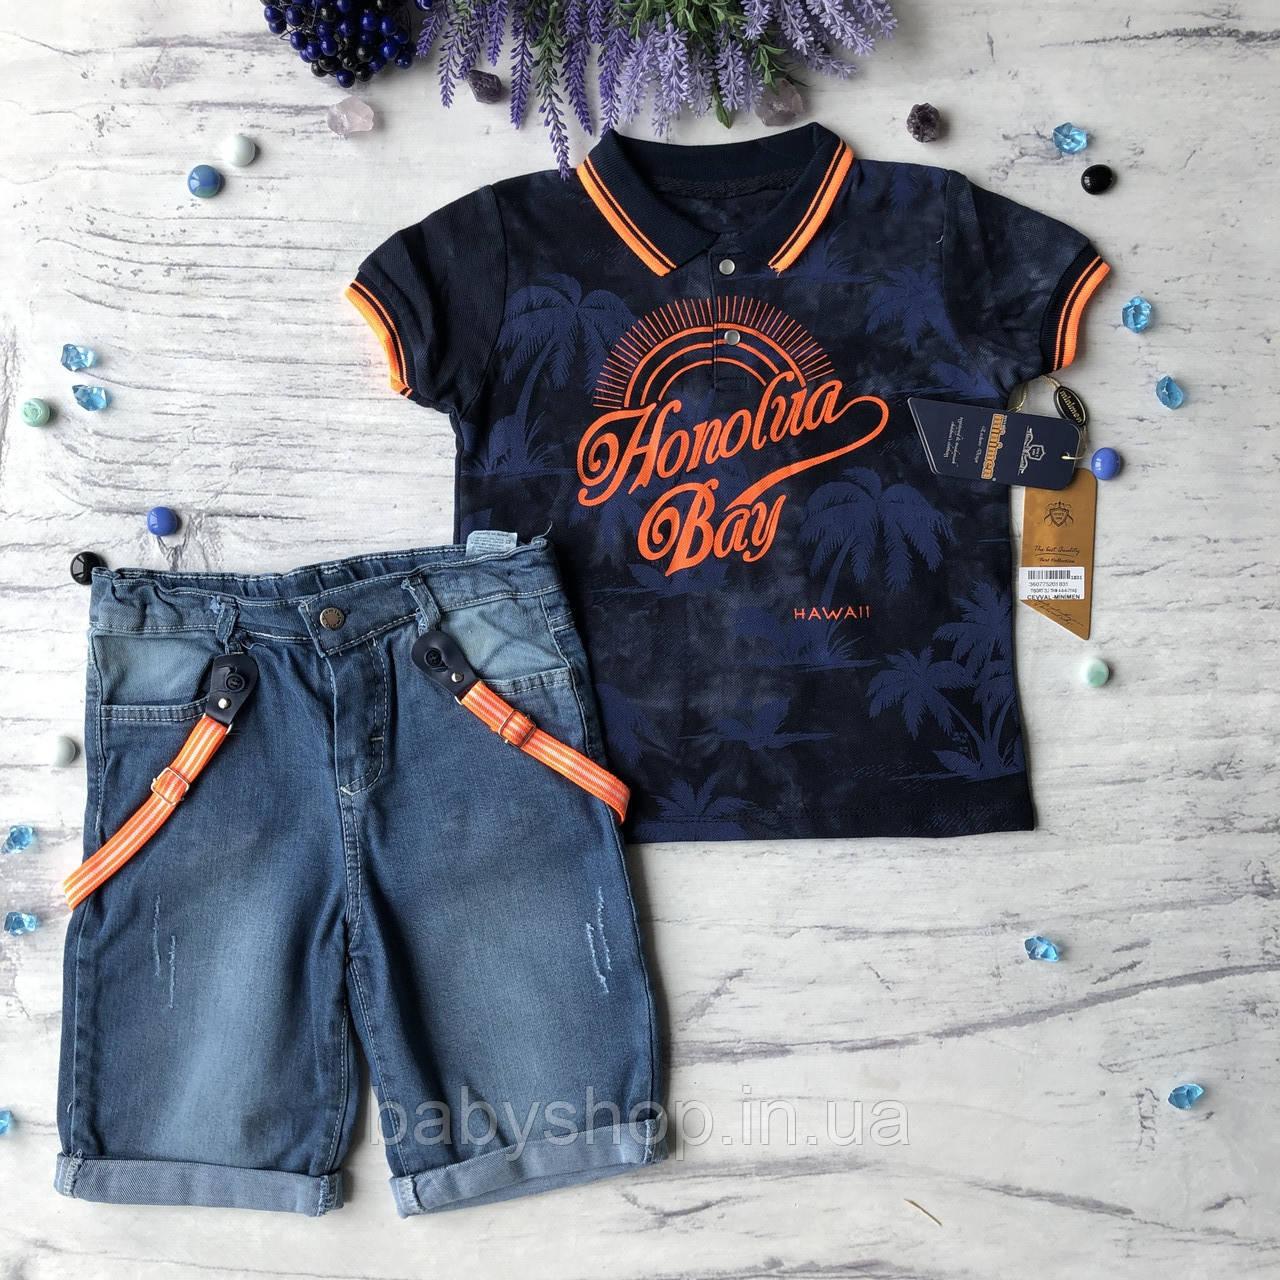 Летний джинсовый  костюм на мальчика 183. Размер 4 года, 5 лет, 6 лет, 7 лет